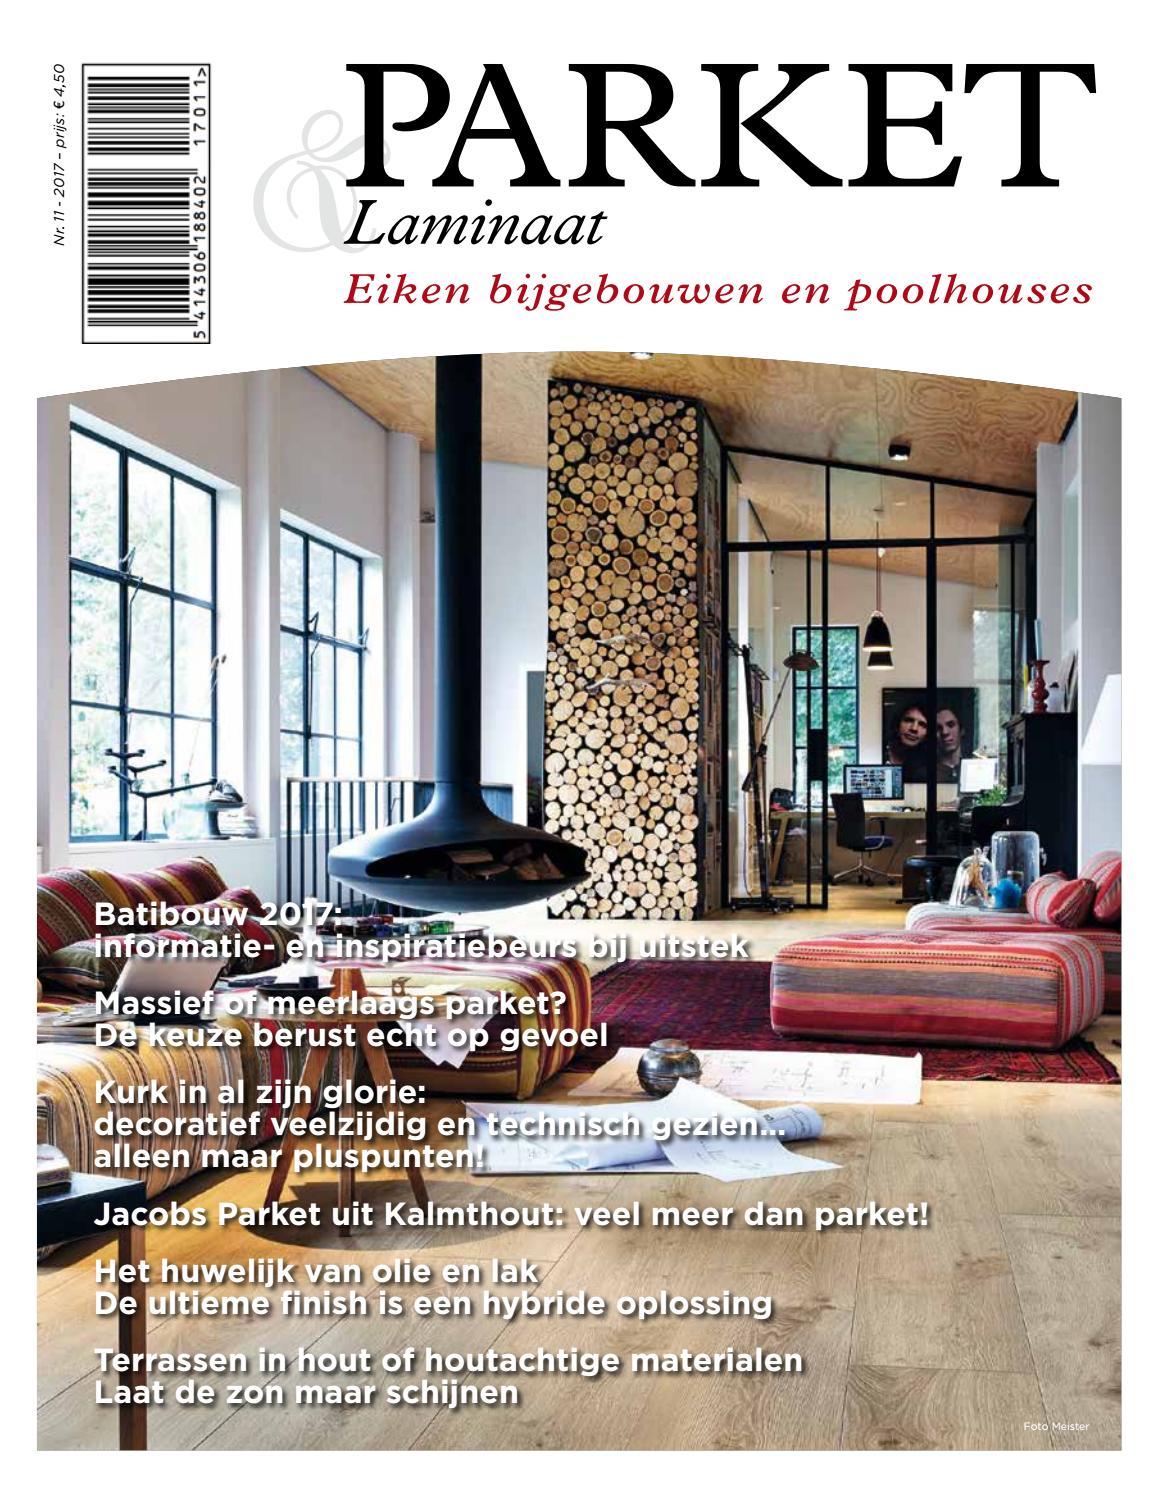 parket laminaat nr 11 by media pact nv ffi bvba issuu